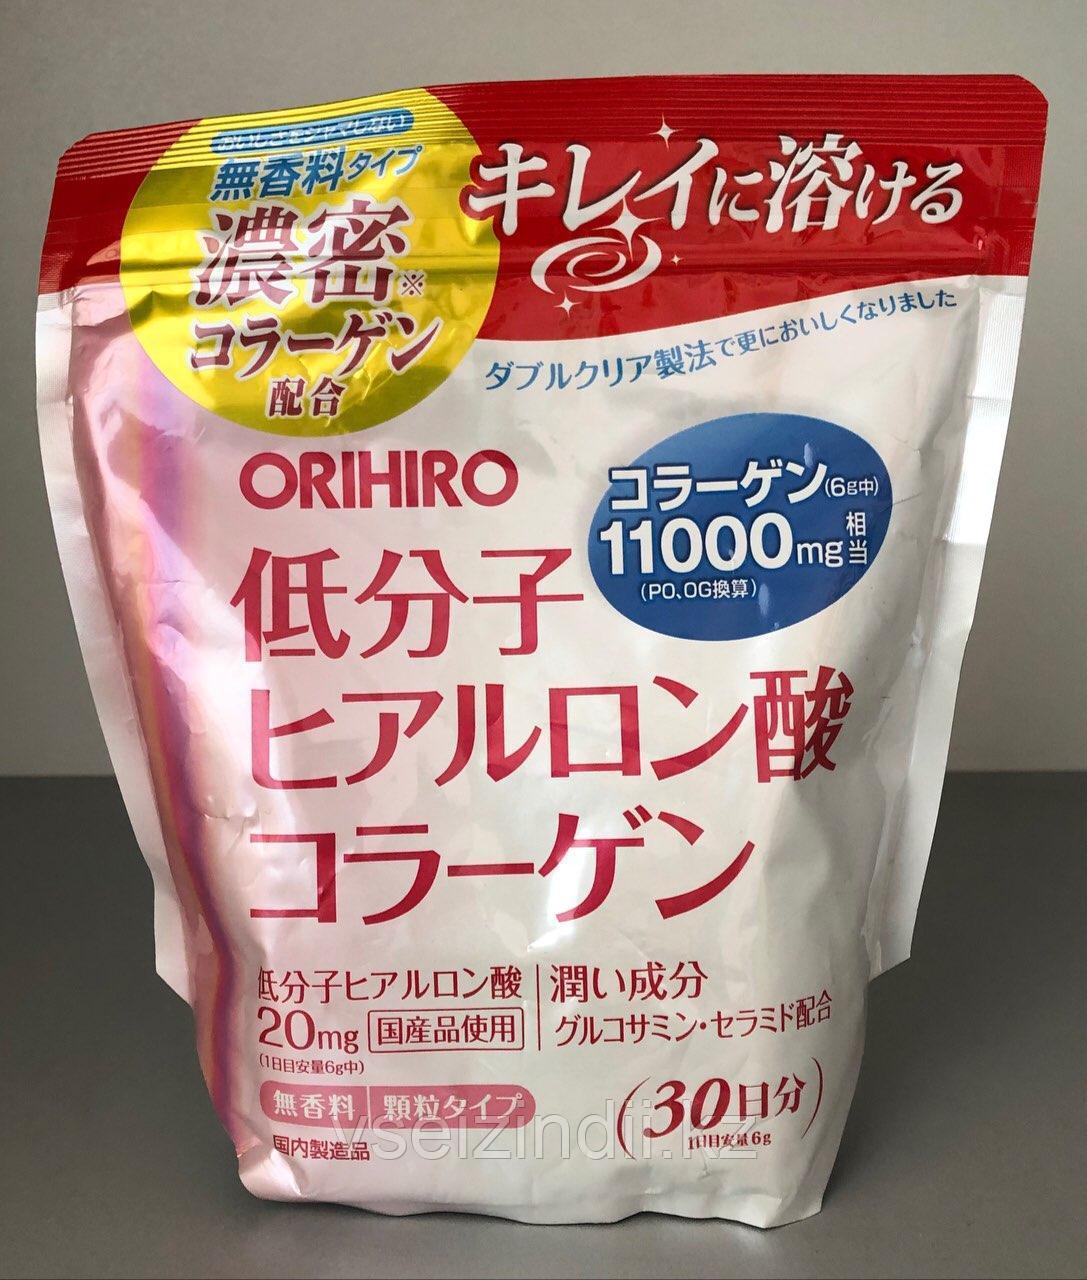 Плотный коллаген + низкомолекулярная гиалуроновая кислота, ORIHIRO, 180 гр на 30 дней